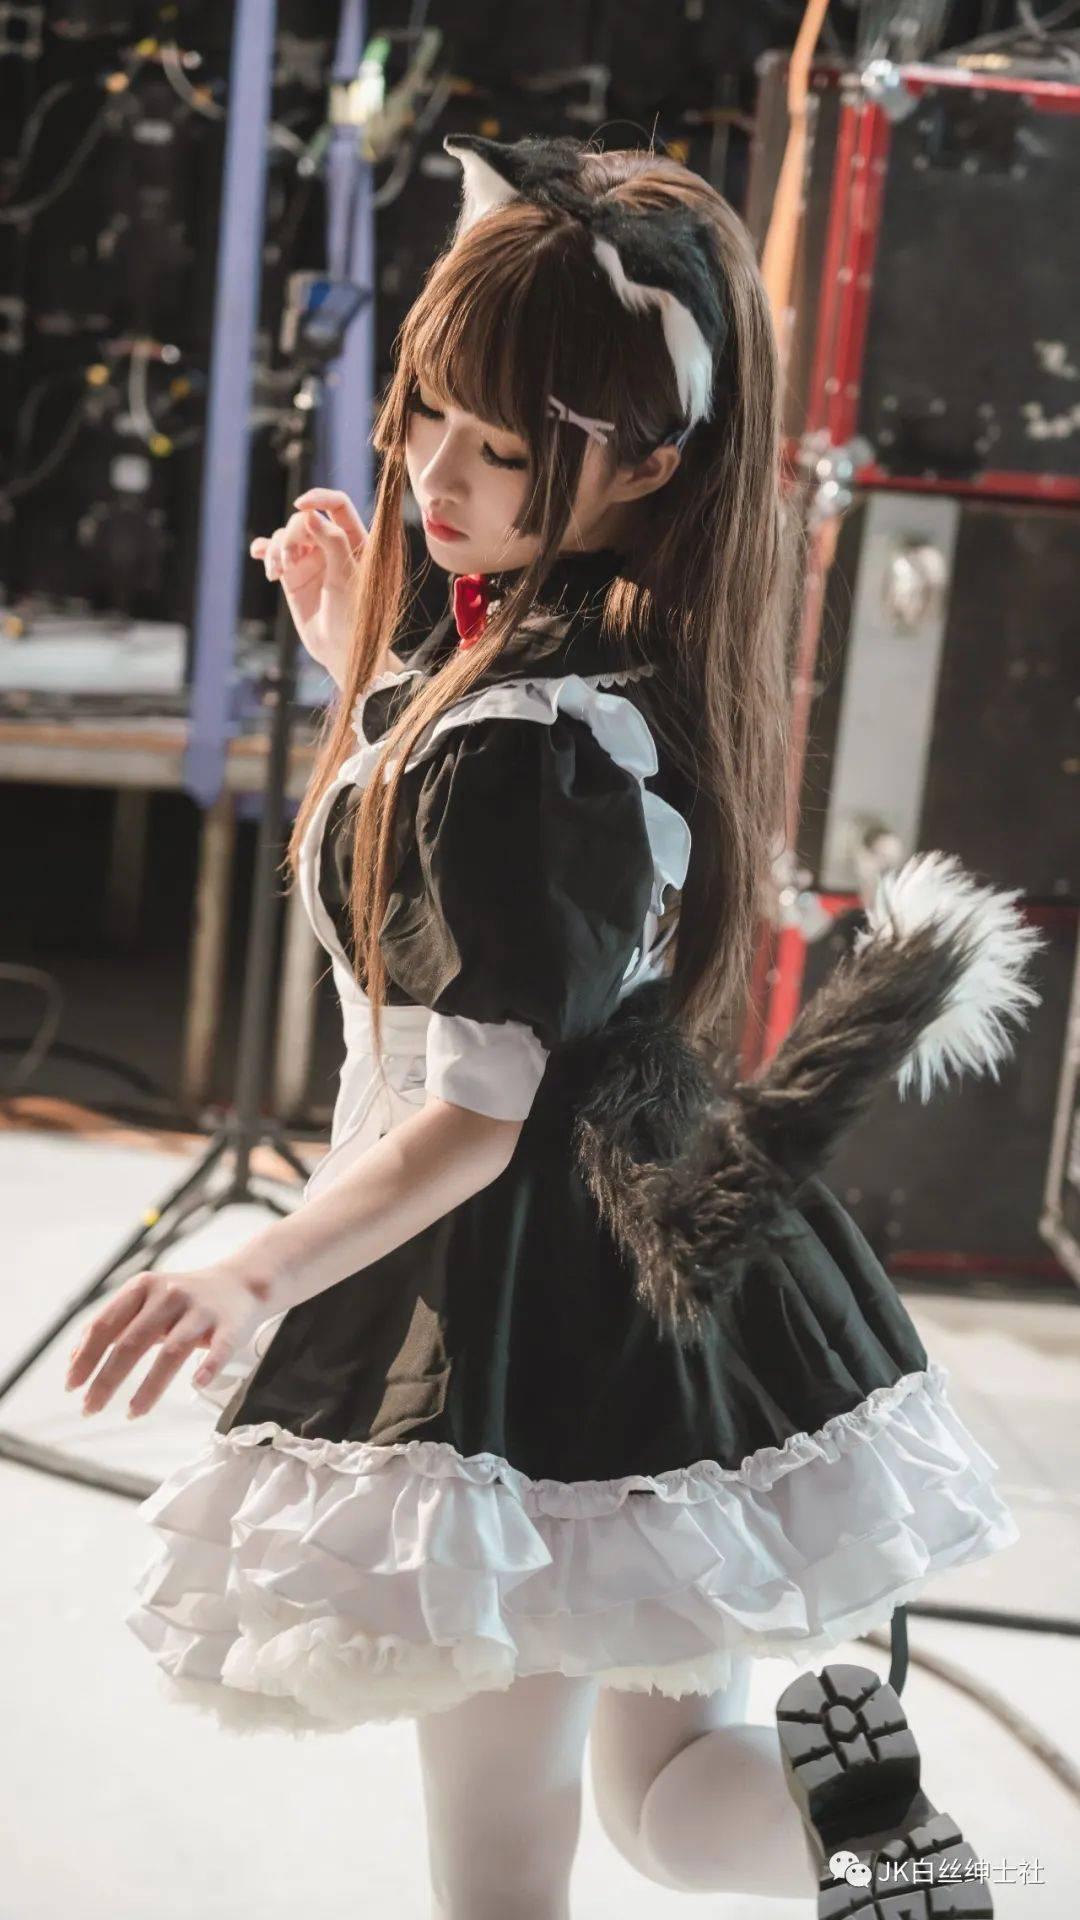 cos:结缘纪漫展返图@苍崎嵐子,谁家的小可爱